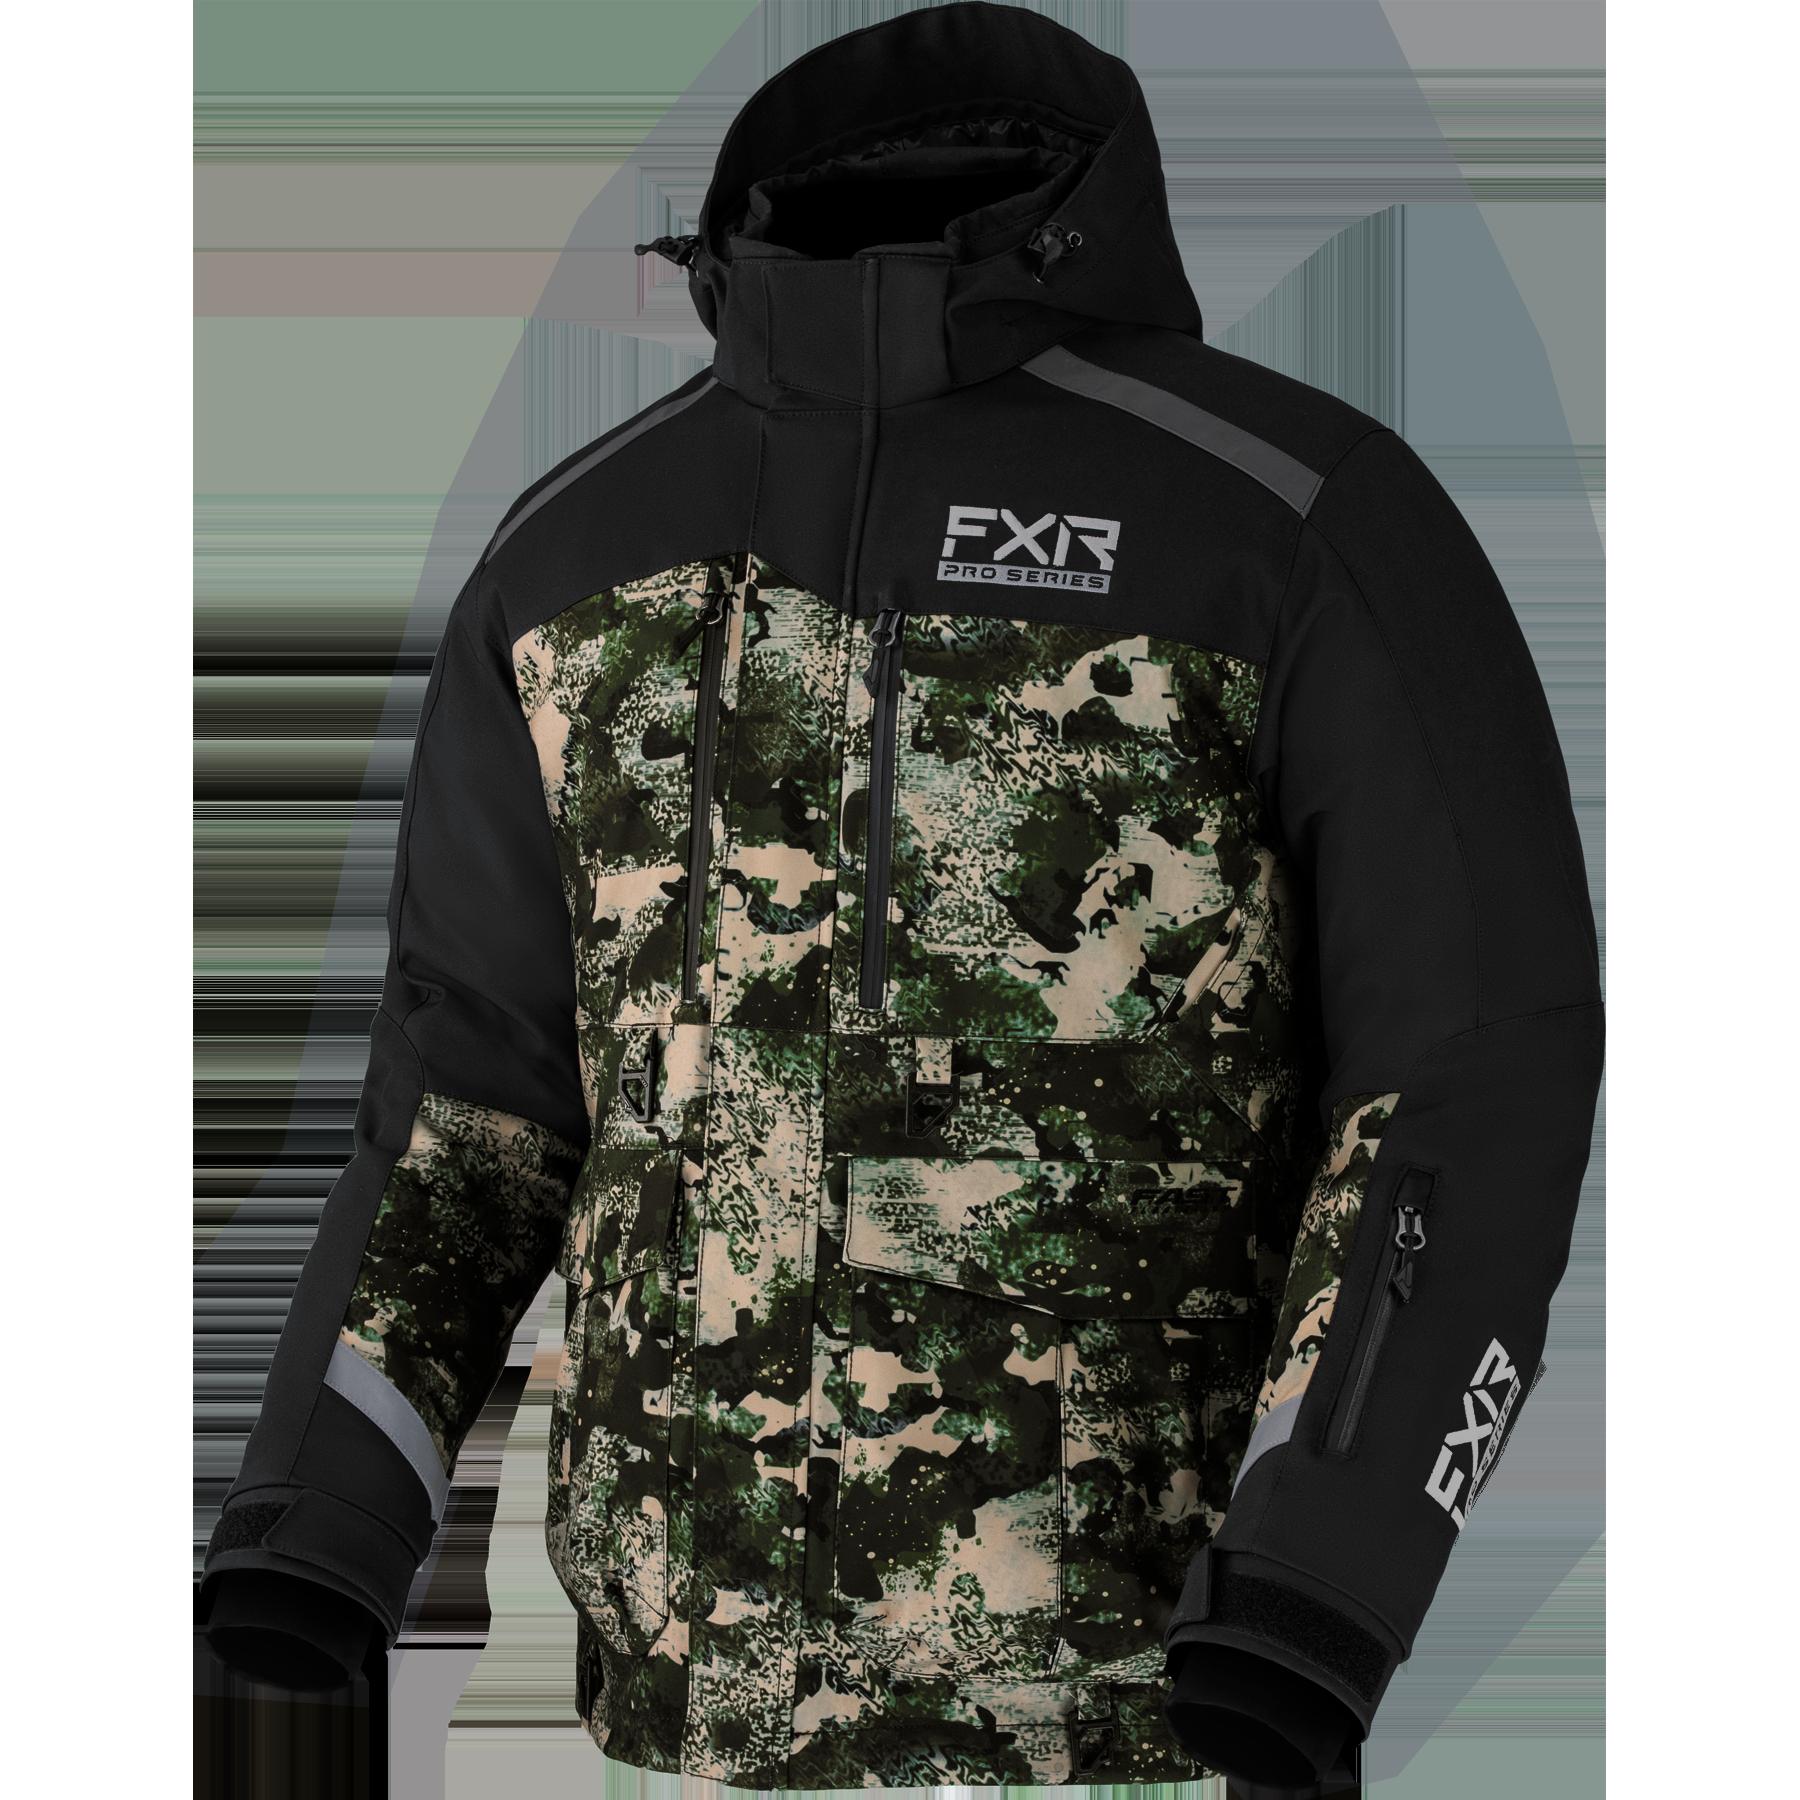 Expedition X Ice Pro Jacket 22 KI 3-9